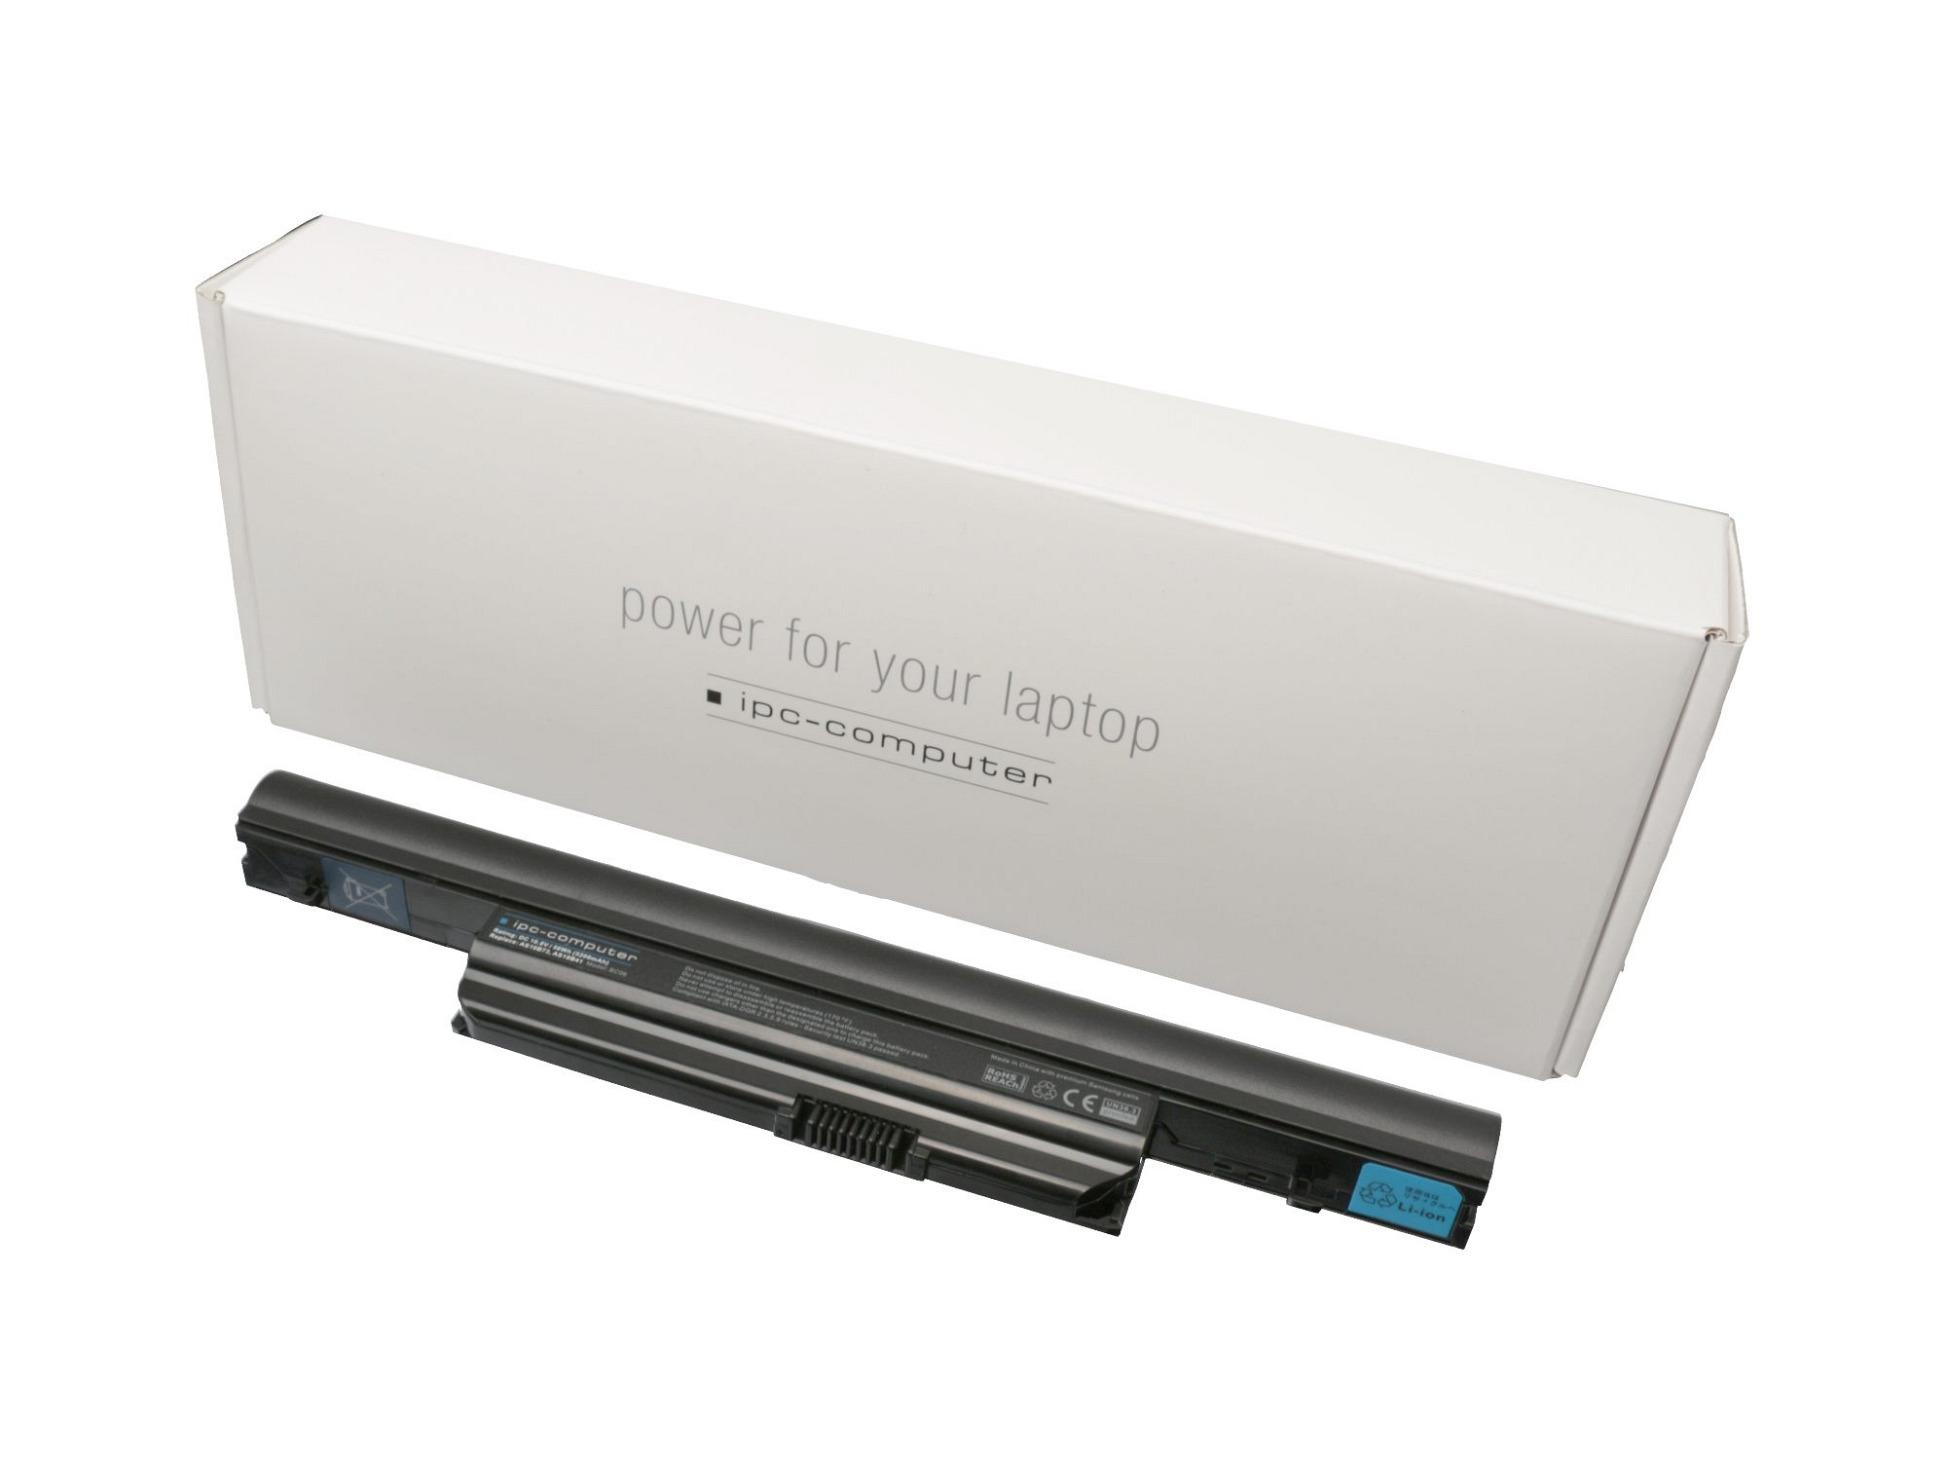 Akku Acer Aspire 7250-E352G32Mikk